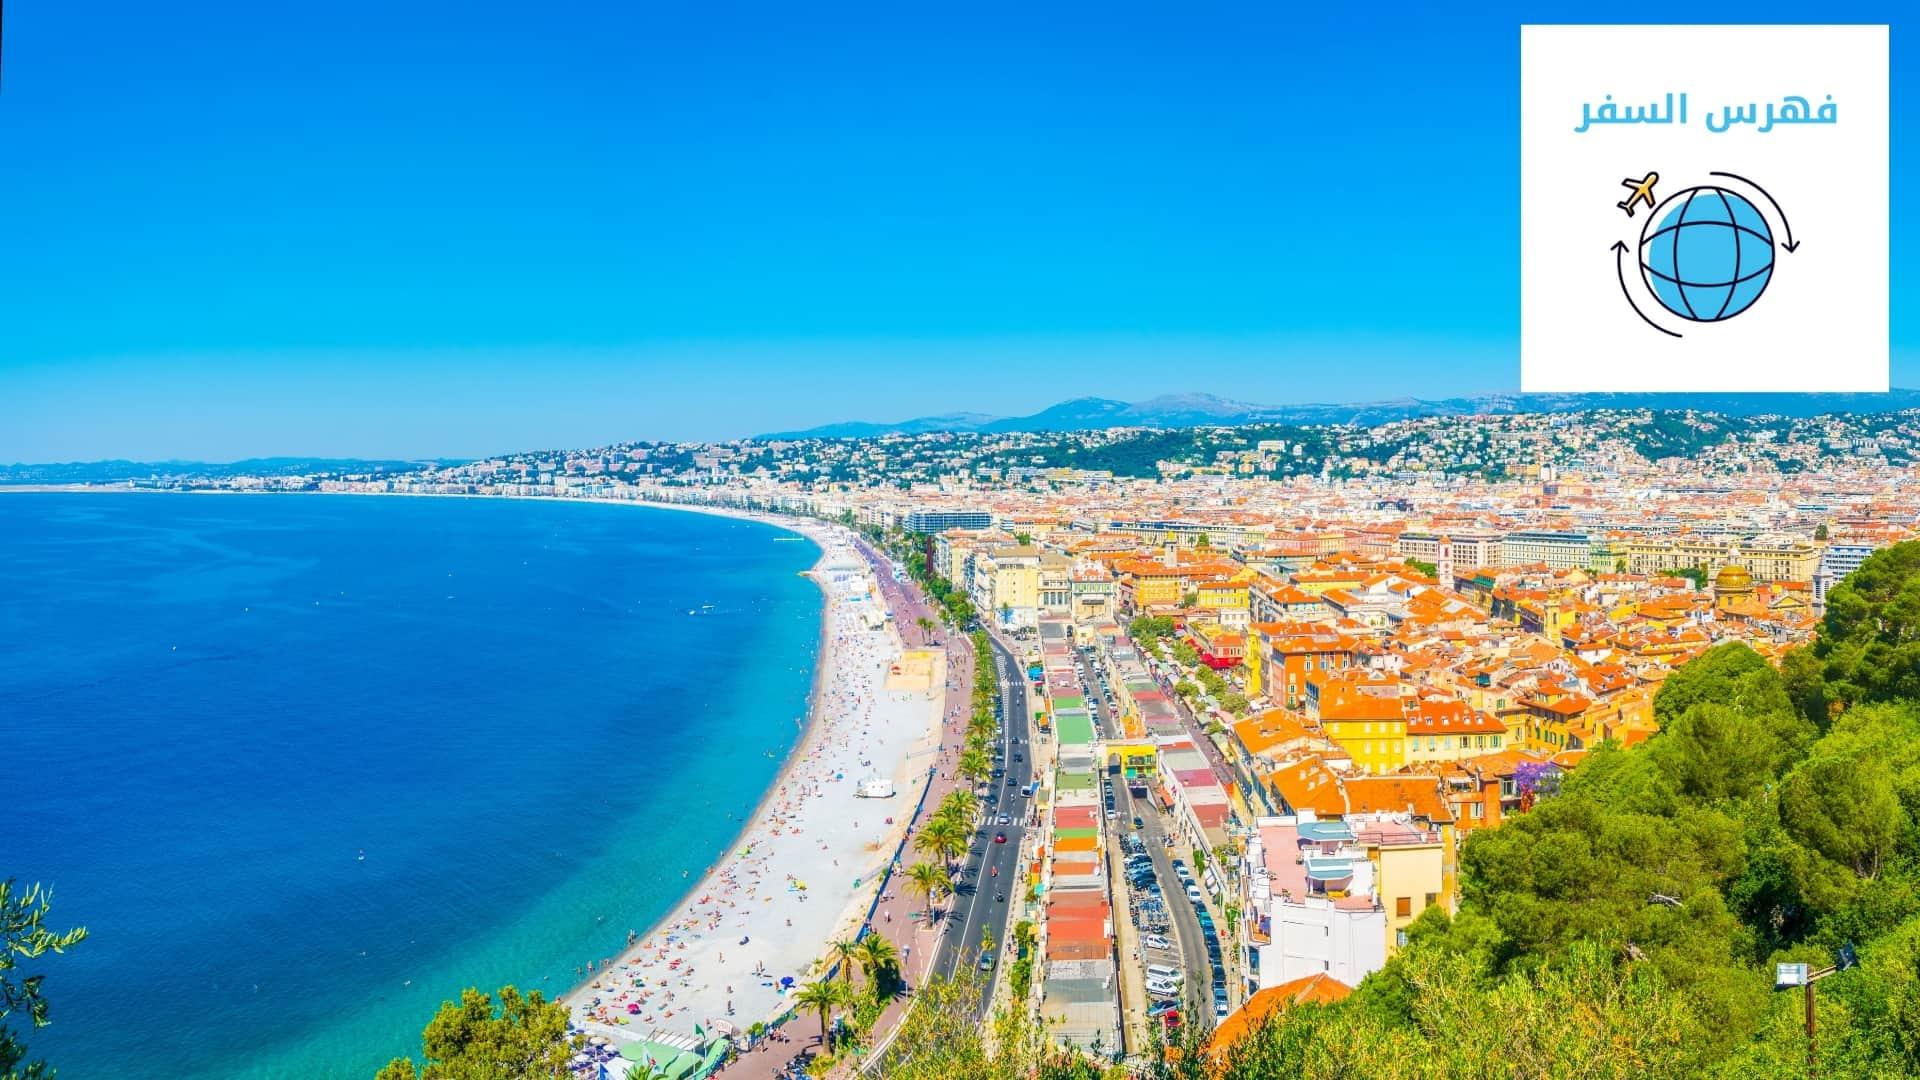 المعالم السياحية في فرنسا